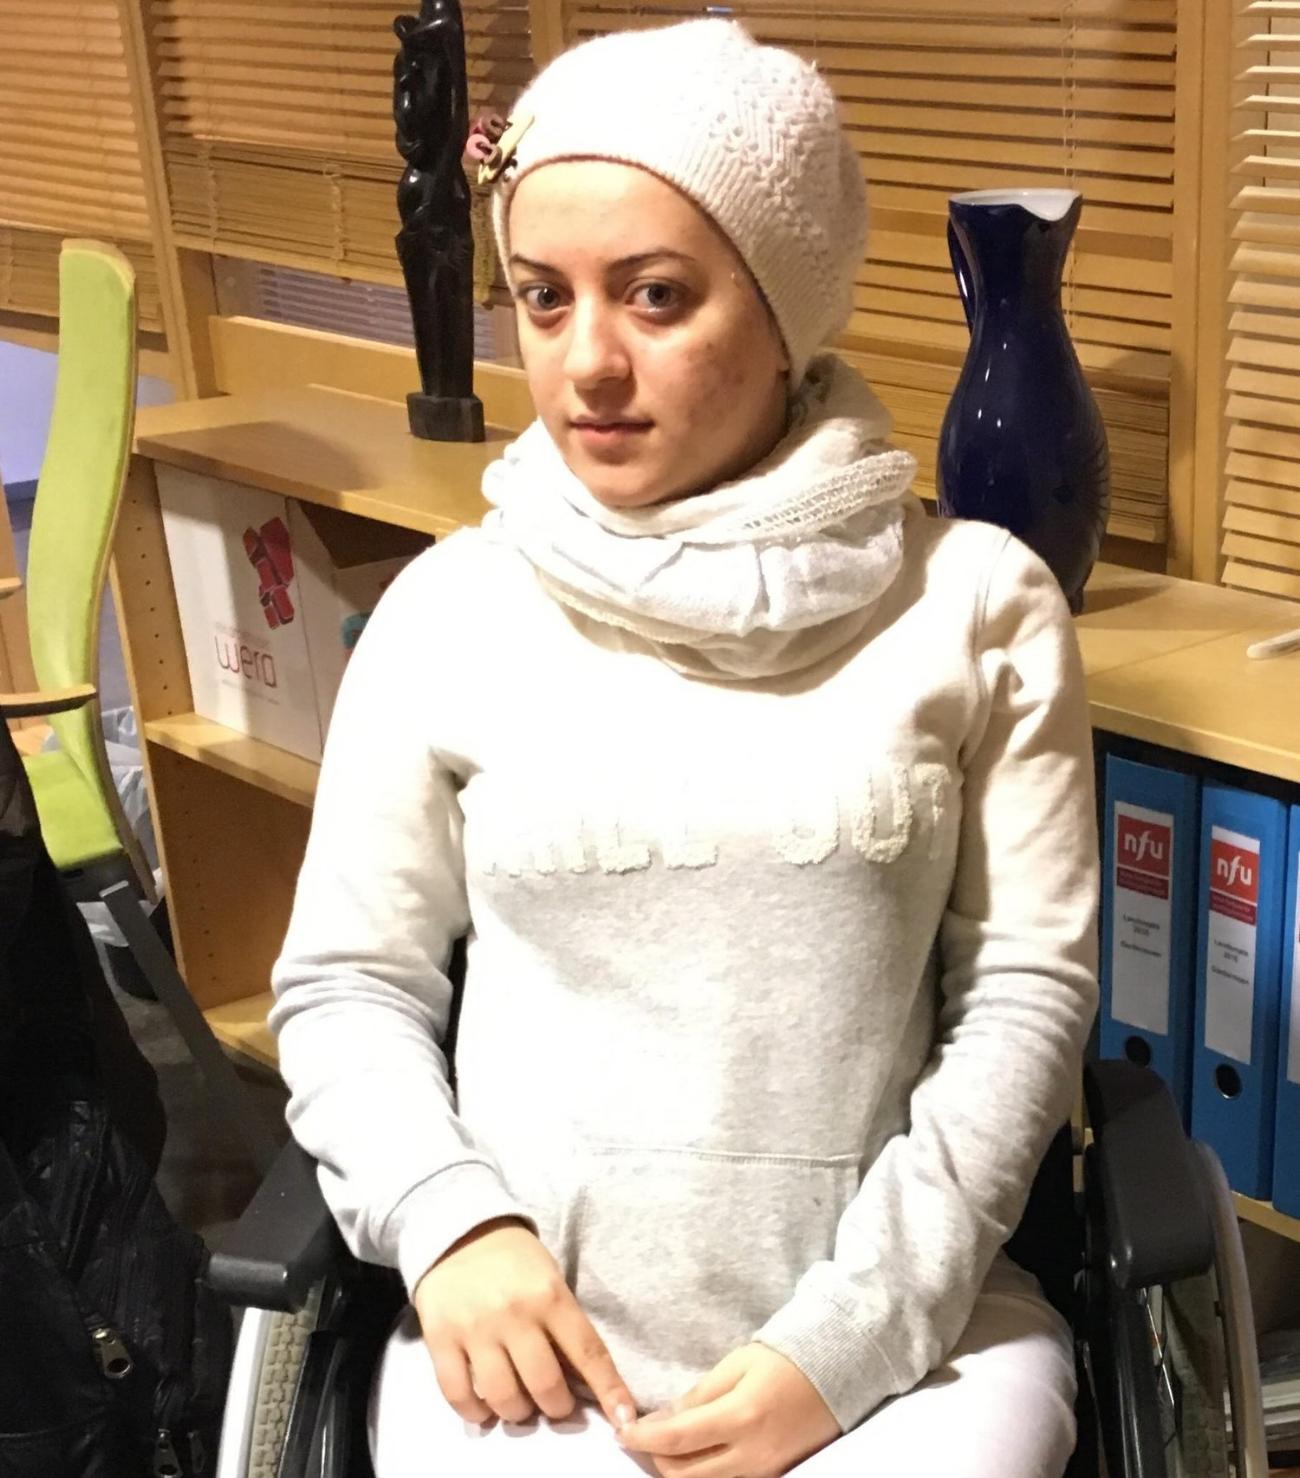 Salwa fra Aleppo ble skutt i ryggen da hun var 16. Nå er hun, moren og søstrene endelig i Norge. Sammen kan vi sørge for at personer som Salwa får en god fremtid i landet vårt.